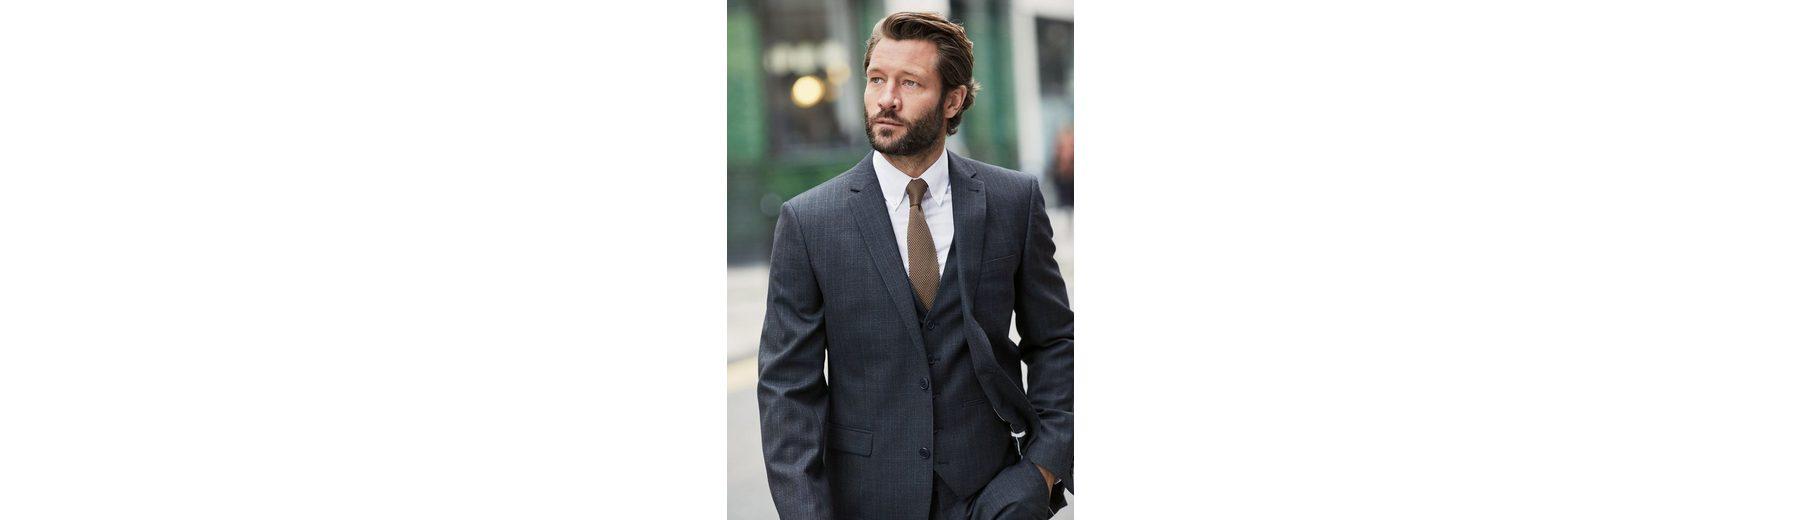 Günstig Kaufen Niedrige Versandkosten Next Eleganter Anzug mit Karomuster: Sakko Limited Edition Günstig Online 2018 Neu Zu Verkaufen 0yR2Y5P